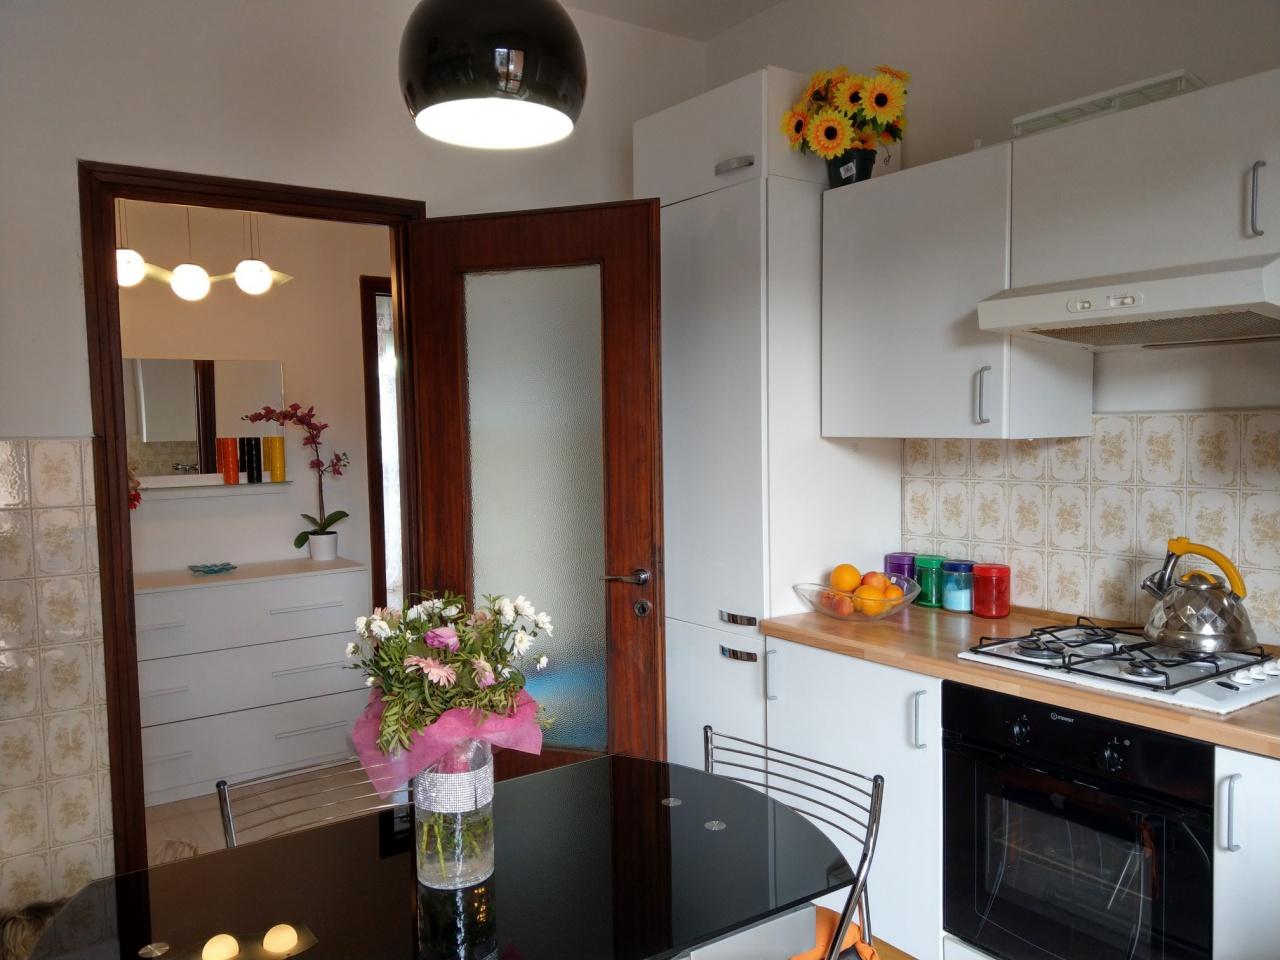 Appartamento in vendita a Sesto San Giovanni, 3 locali, prezzo € 225.000 | PortaleAgenzieImmobiliari.it